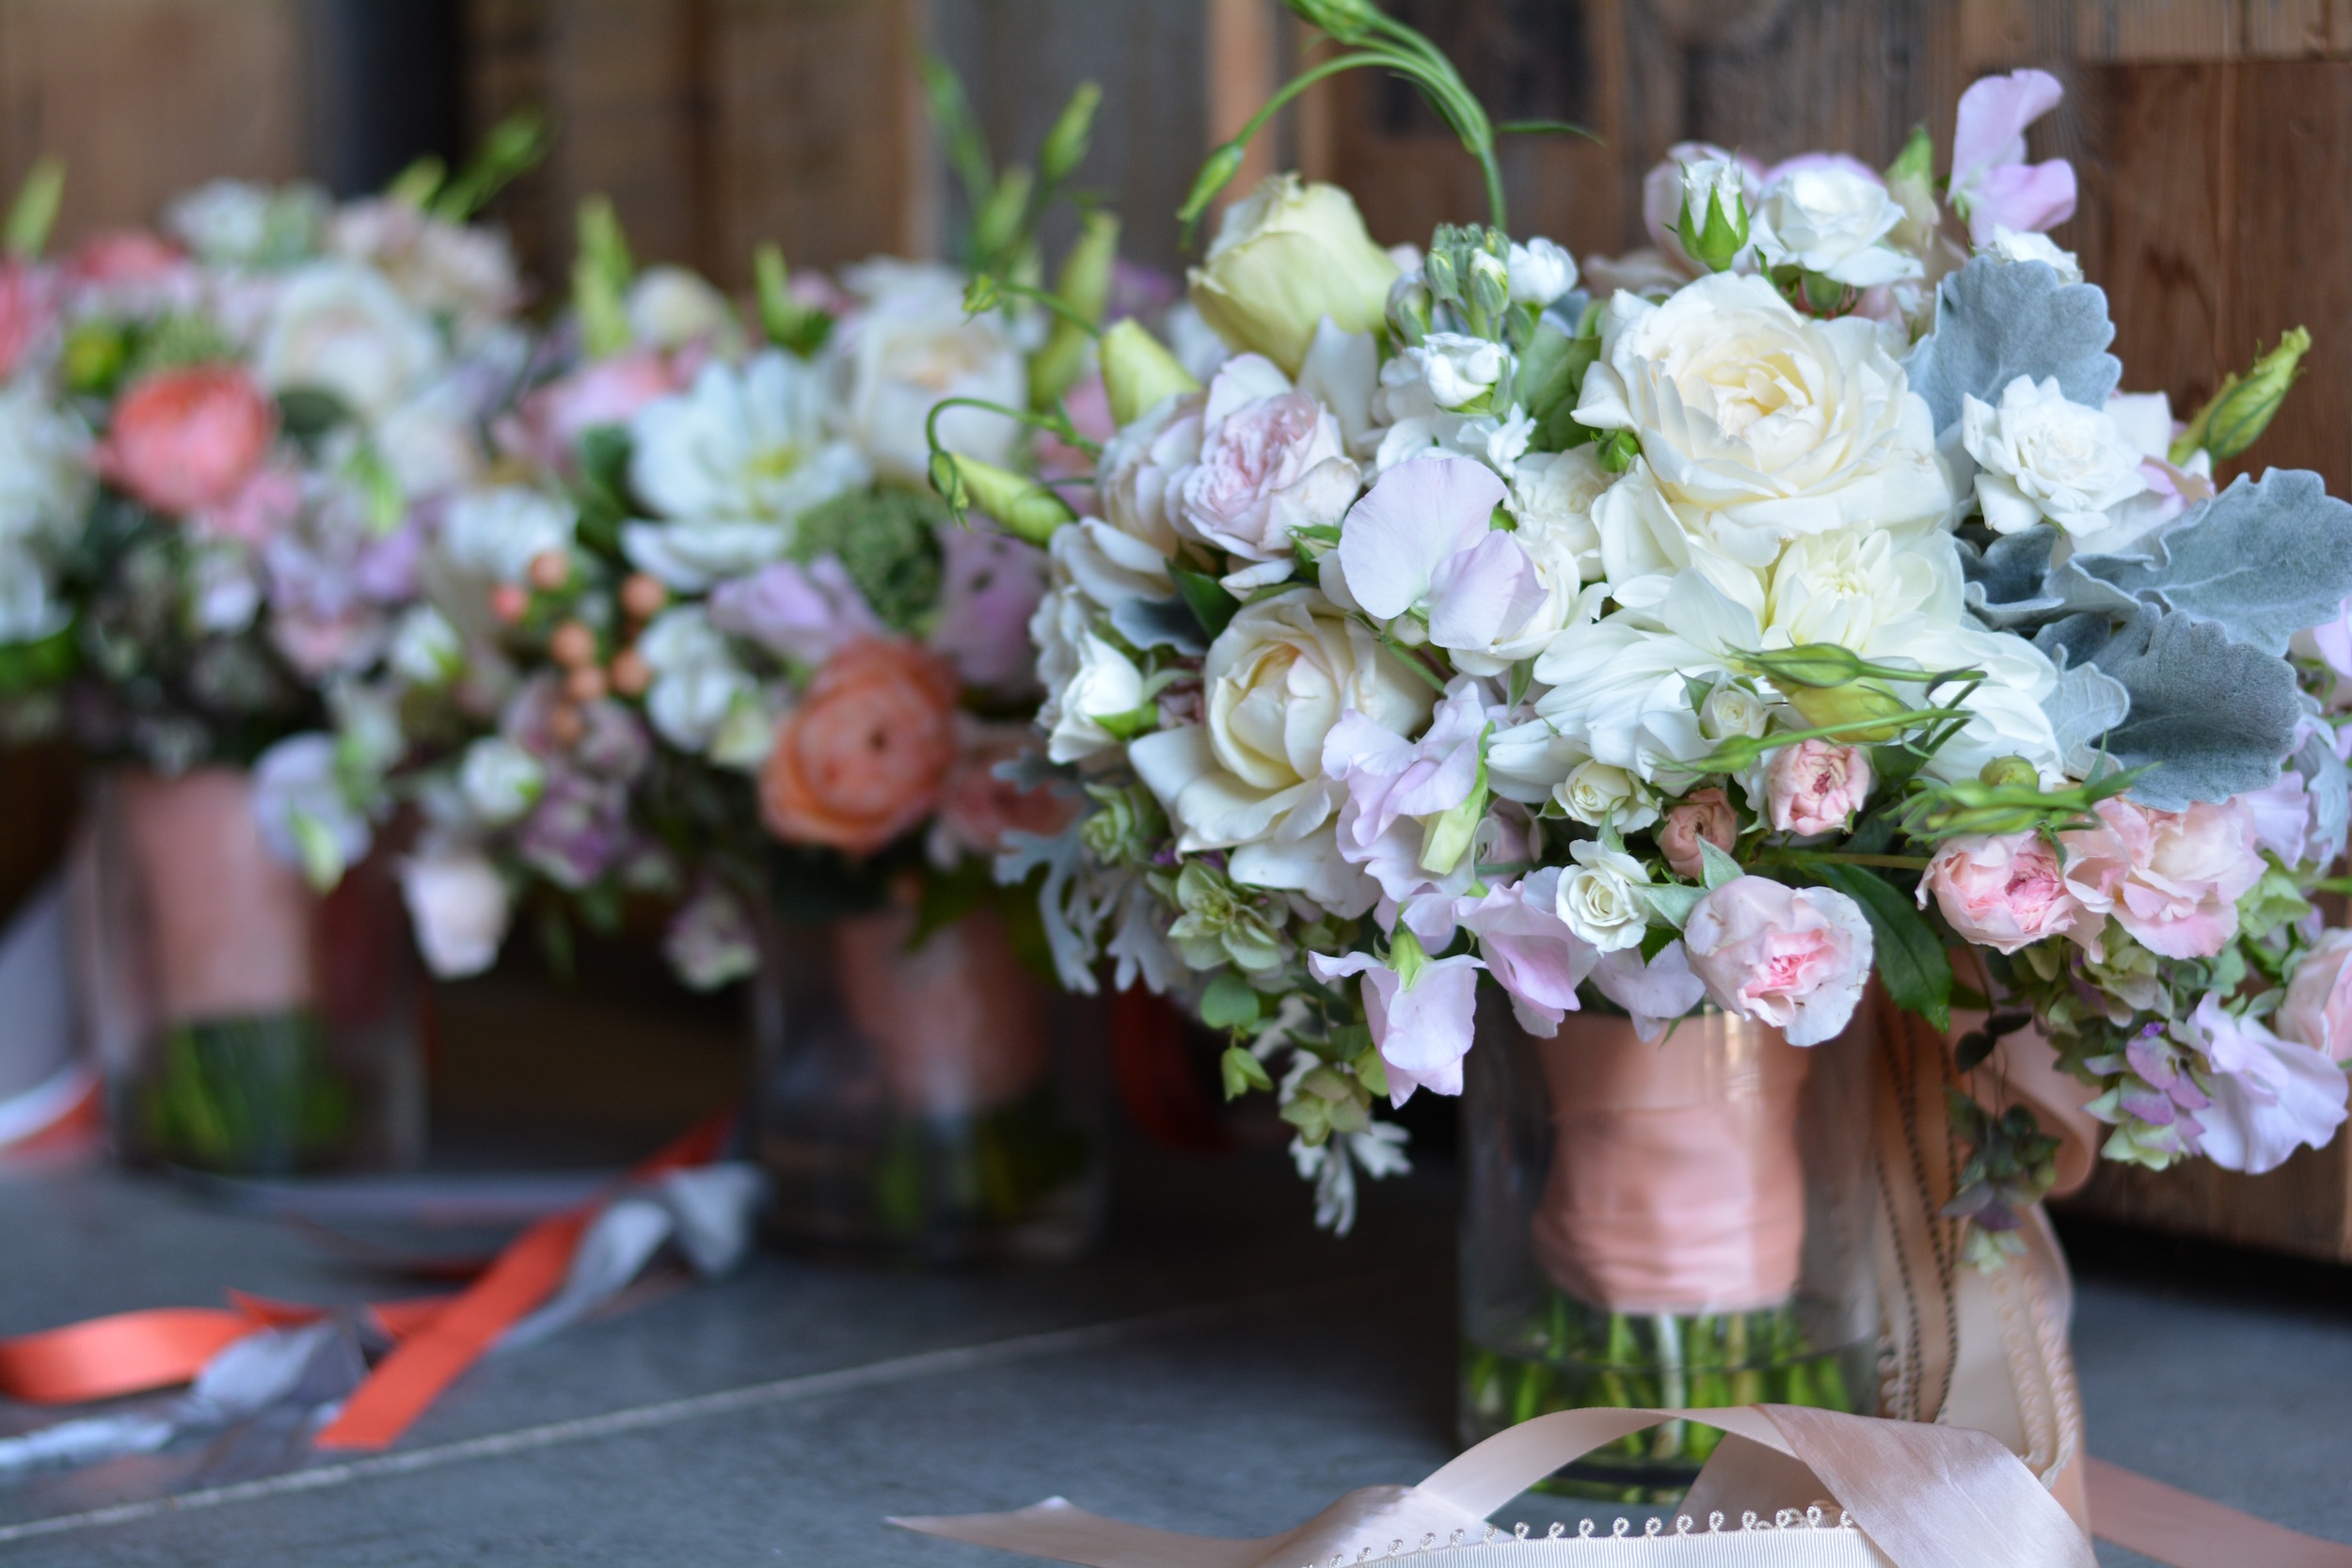 Heirloom Floral Design - Bend Weddings - Flowers to Hold-1.jpg